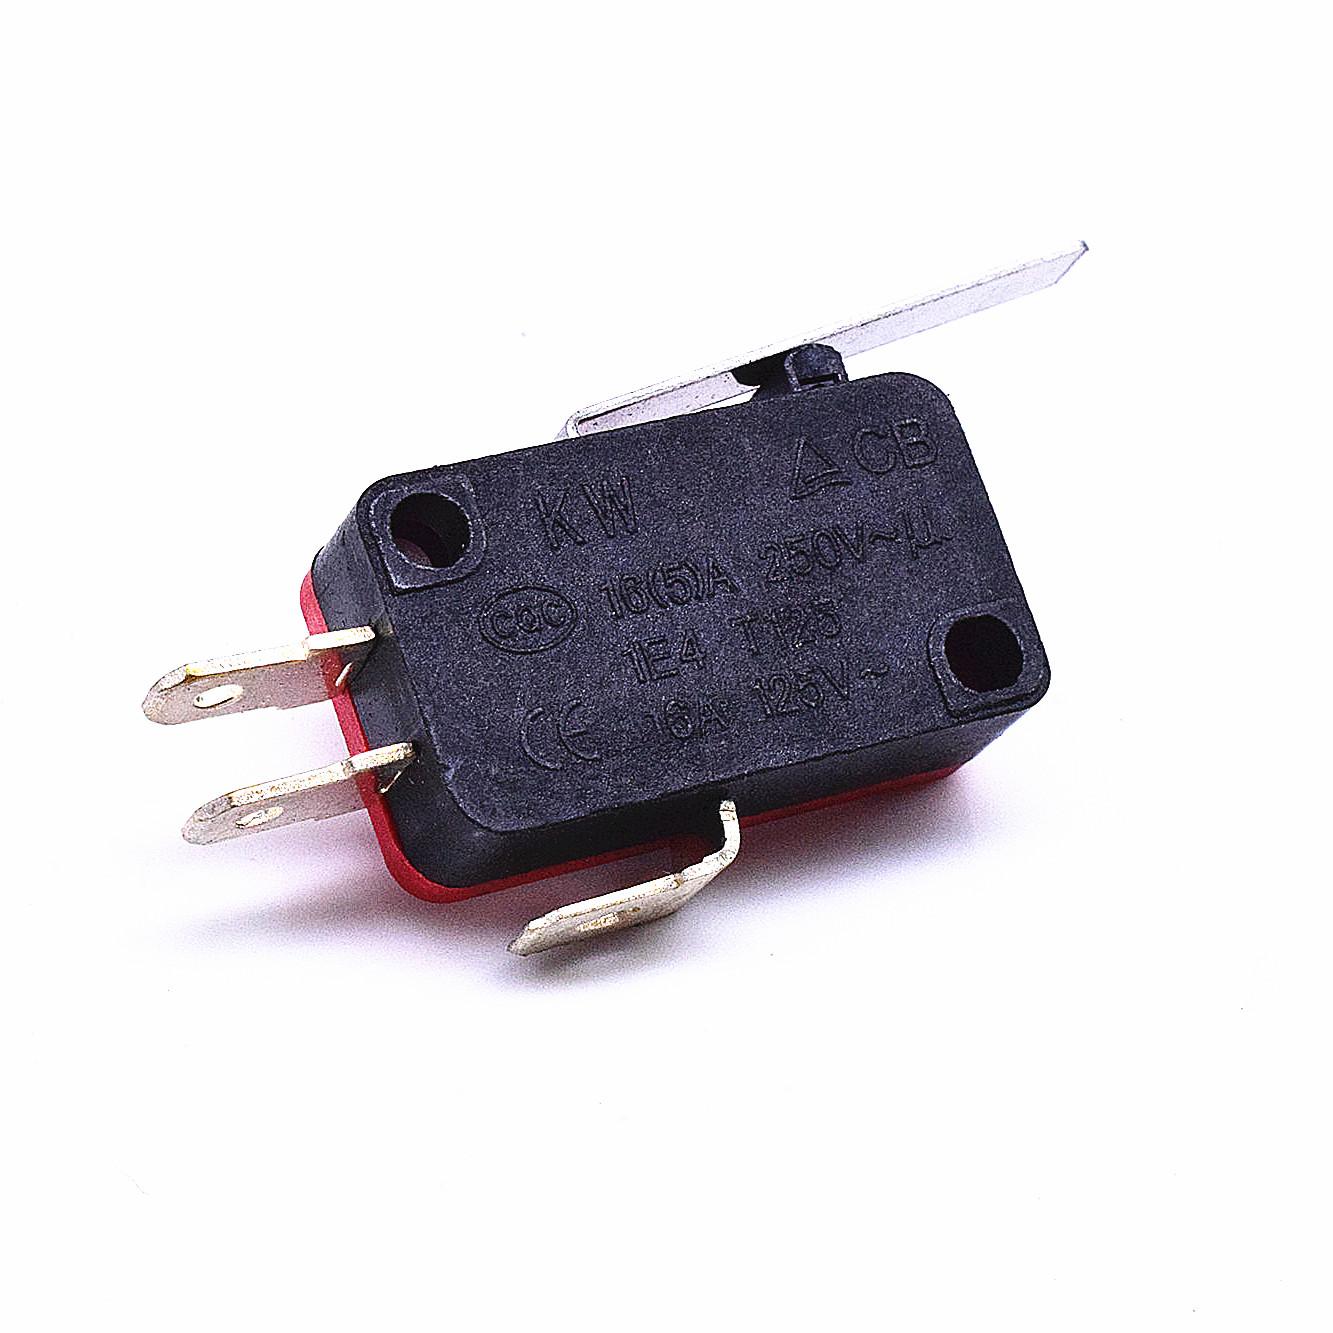 KW3-163-1C2(雙投型4.8H插片)-BR(殼體座黑 蓋紅)-G(黑色按柄)-01